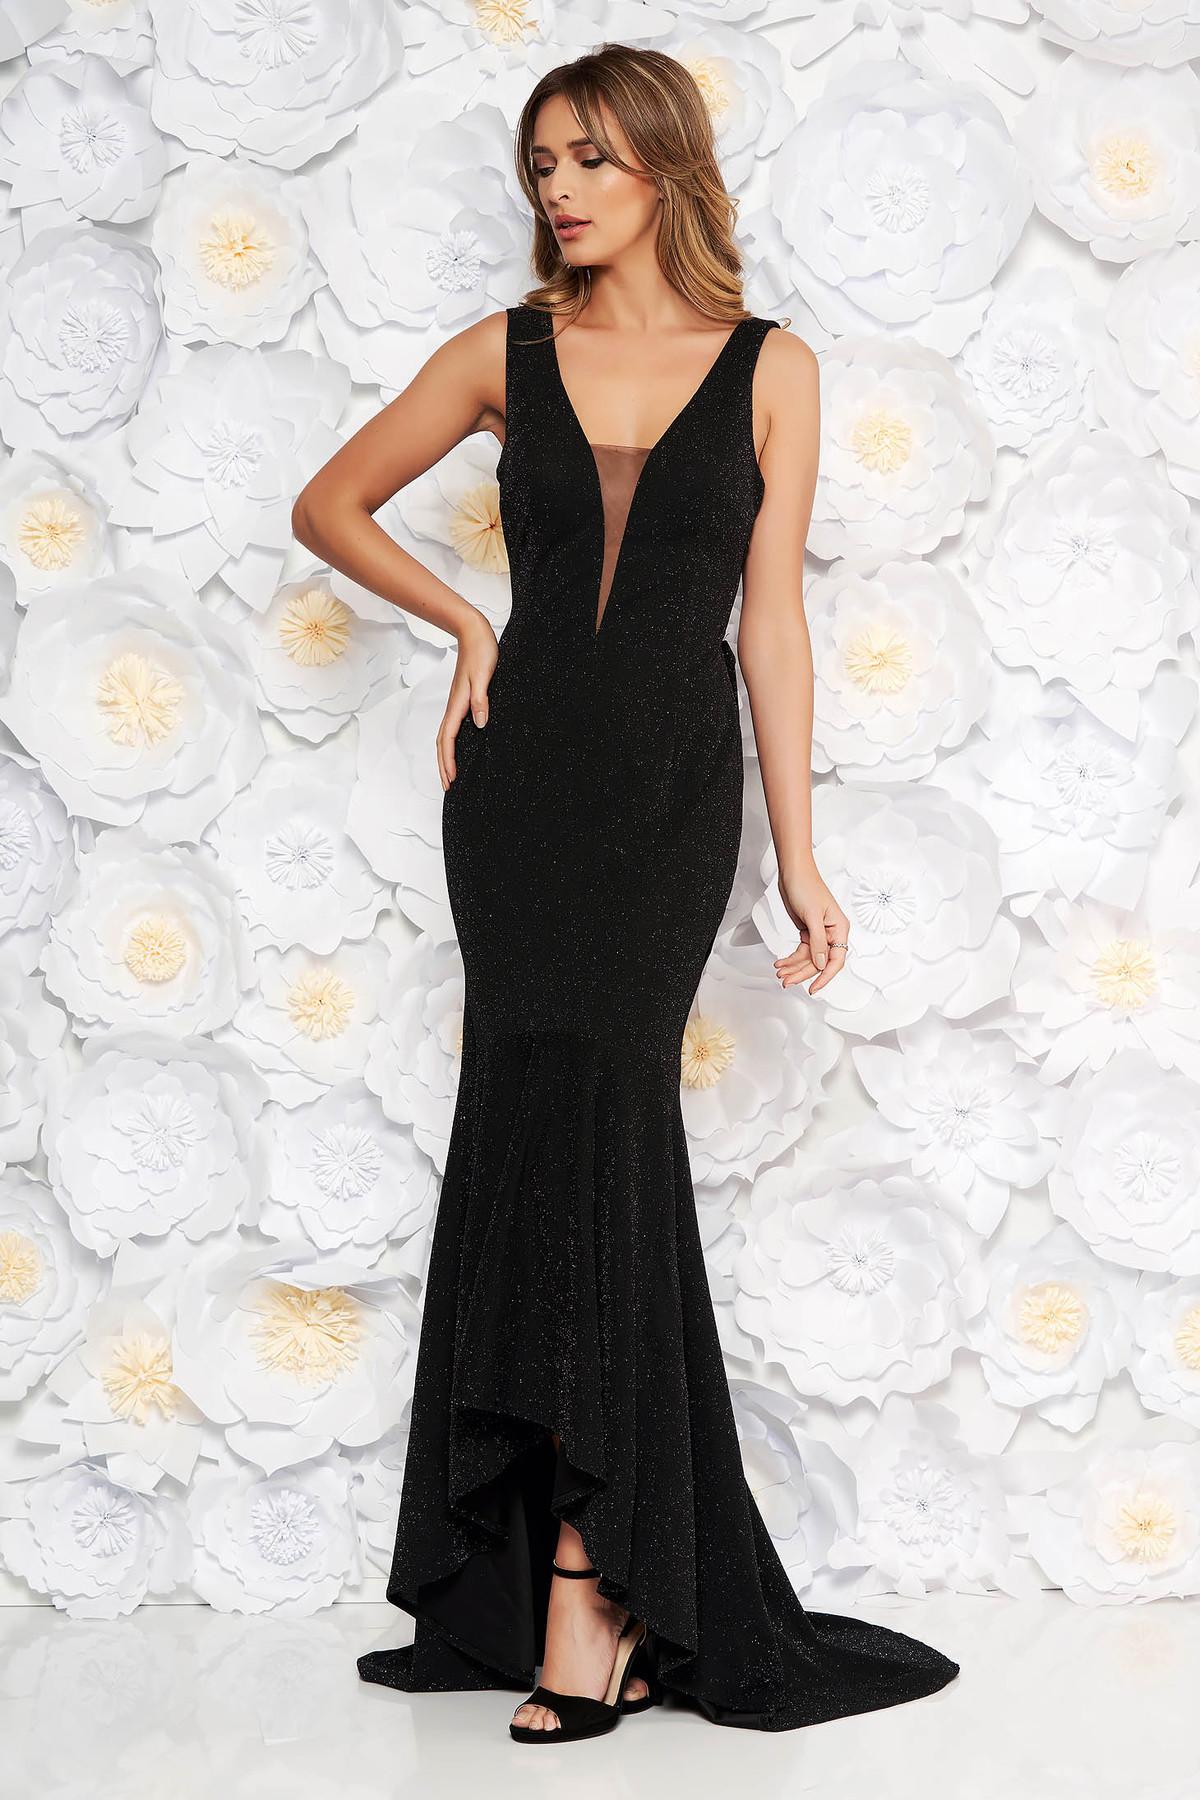 f11ace4307 Fekete Artista alkalmi ruha enyhén rugalmas anyag szivacsos mellrész fodrok  a ruha alján